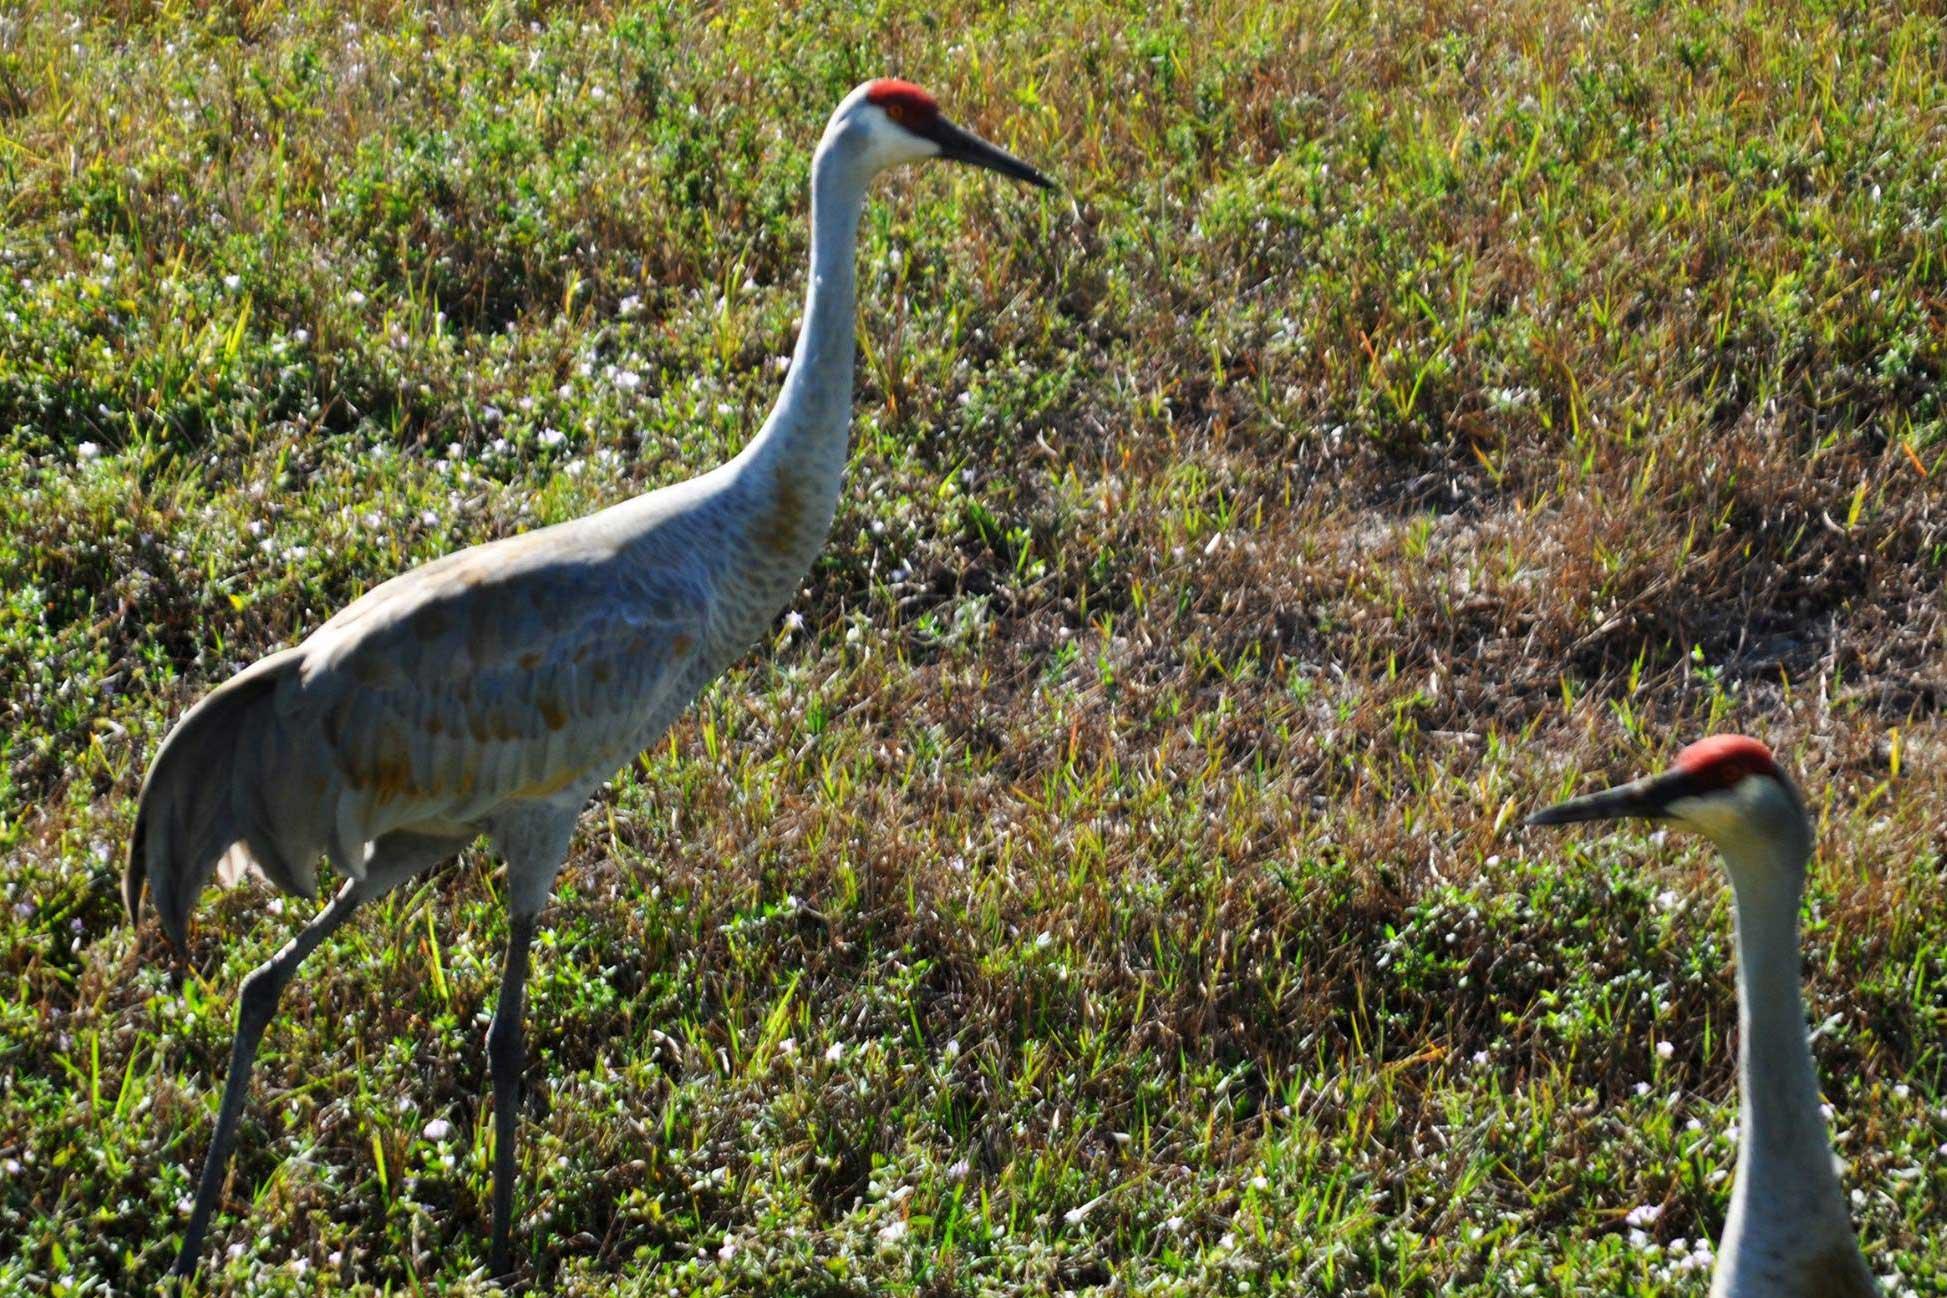 Cranes at the Dump